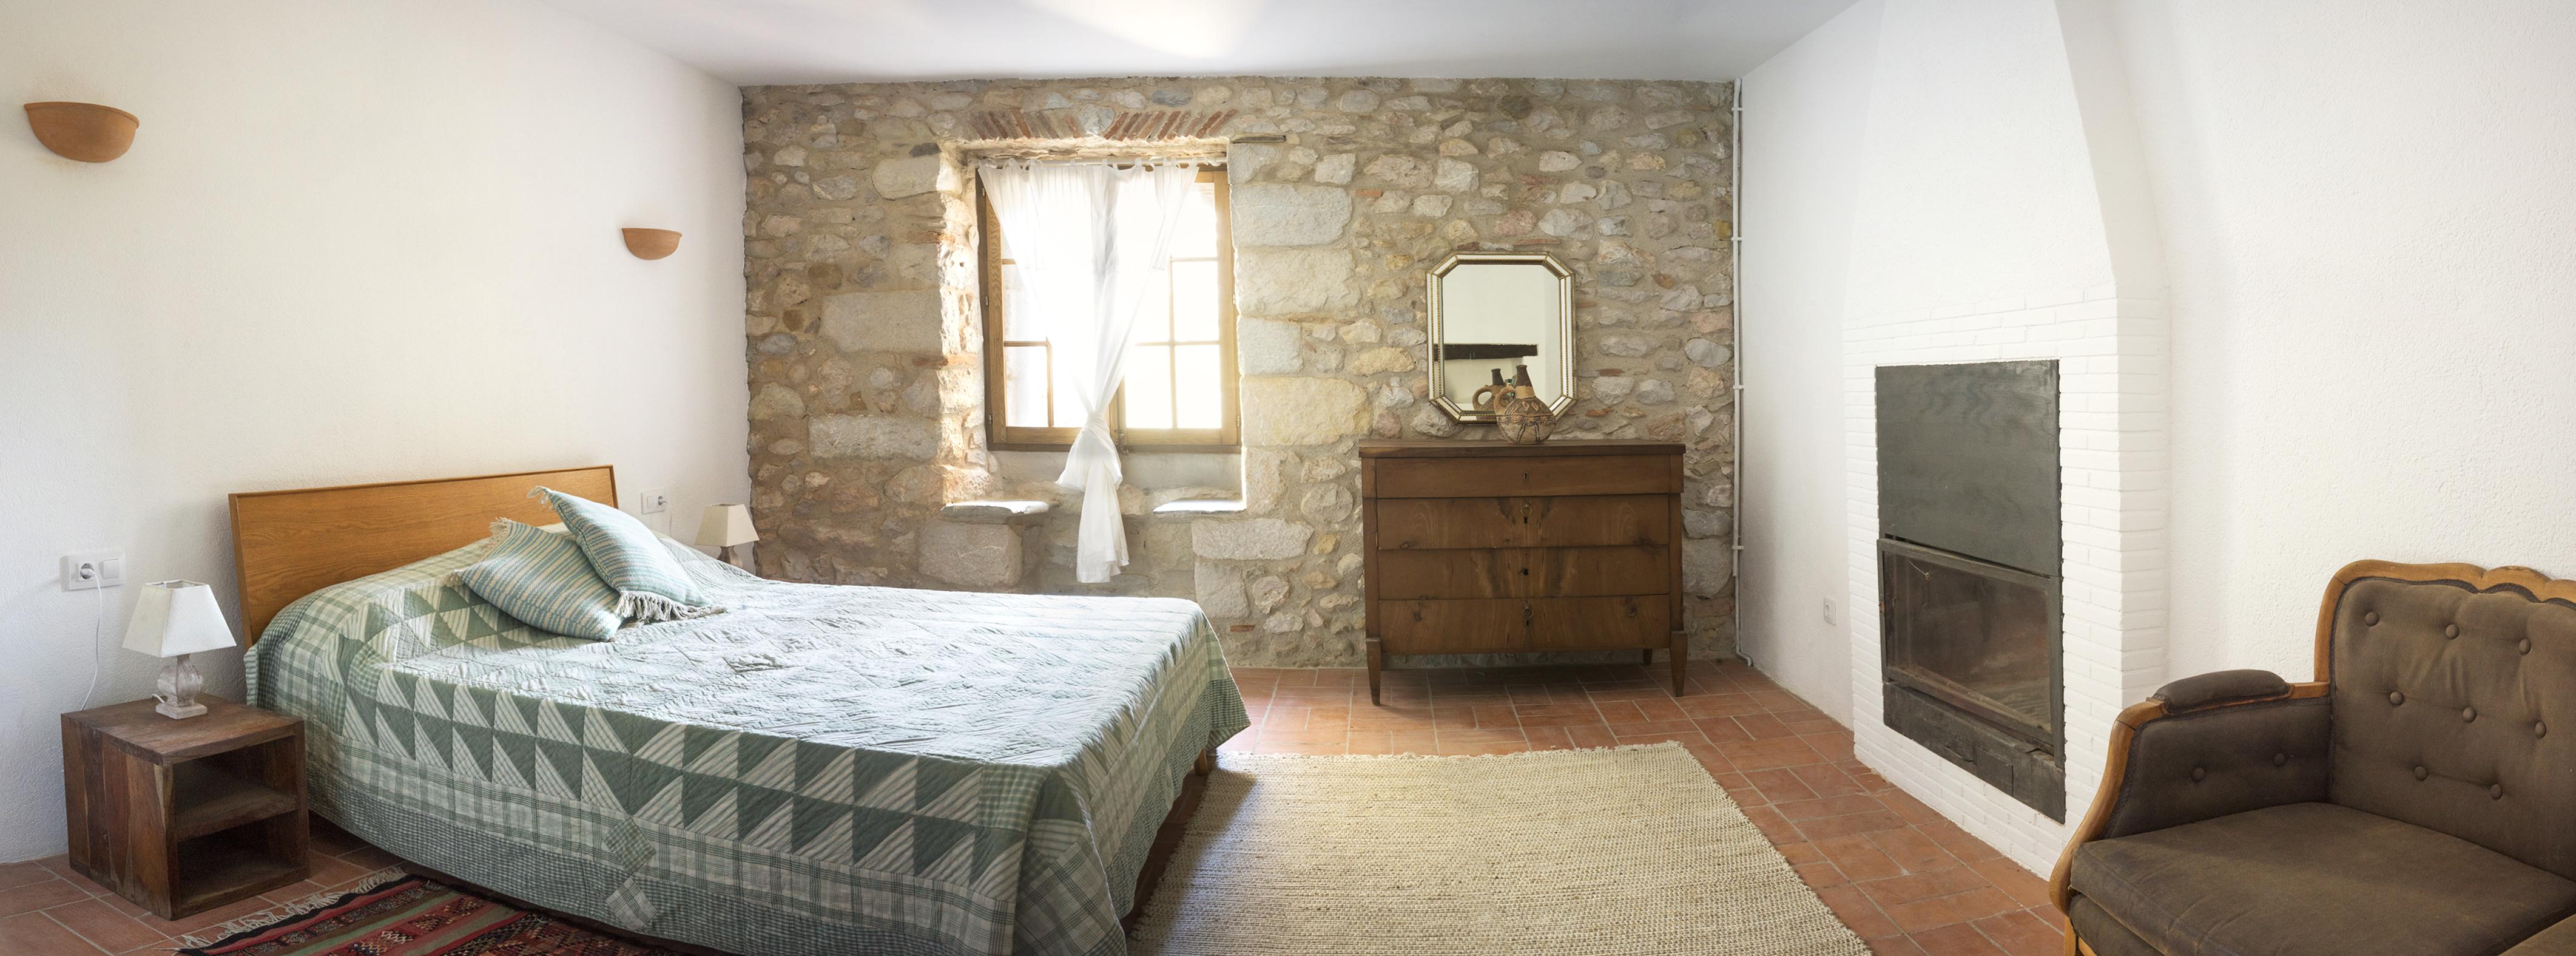 """Dormitorio """"El Festeig"""""""